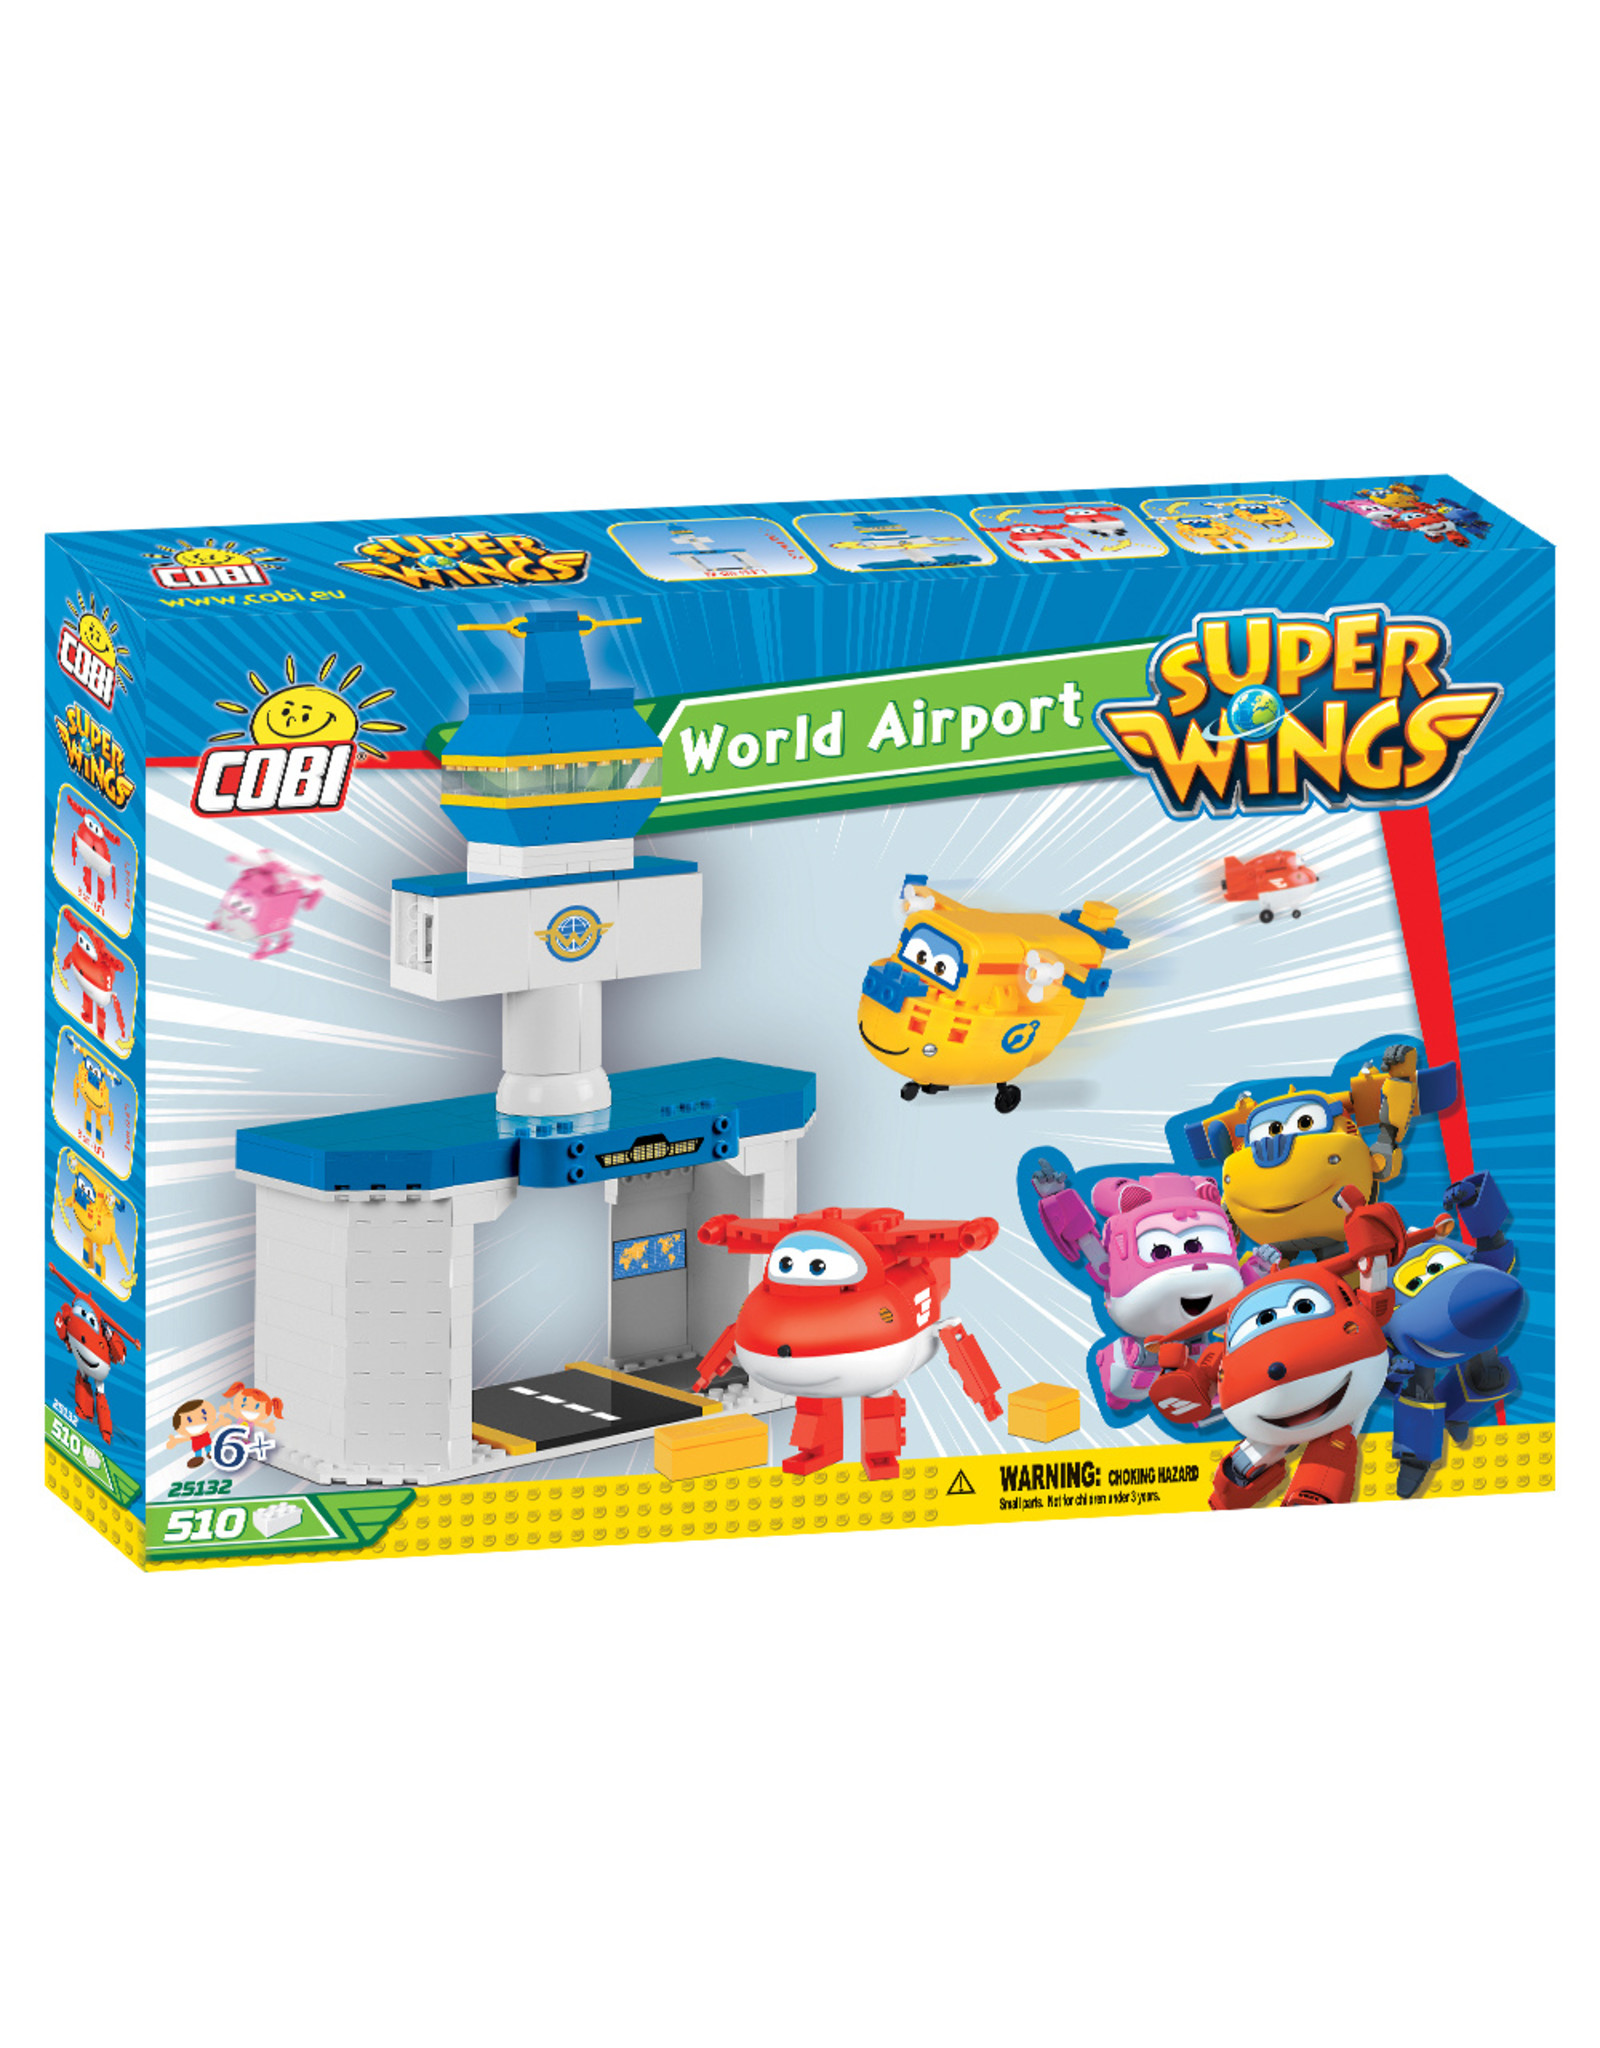 COBI Cobi  25132  Super Wings World Airport